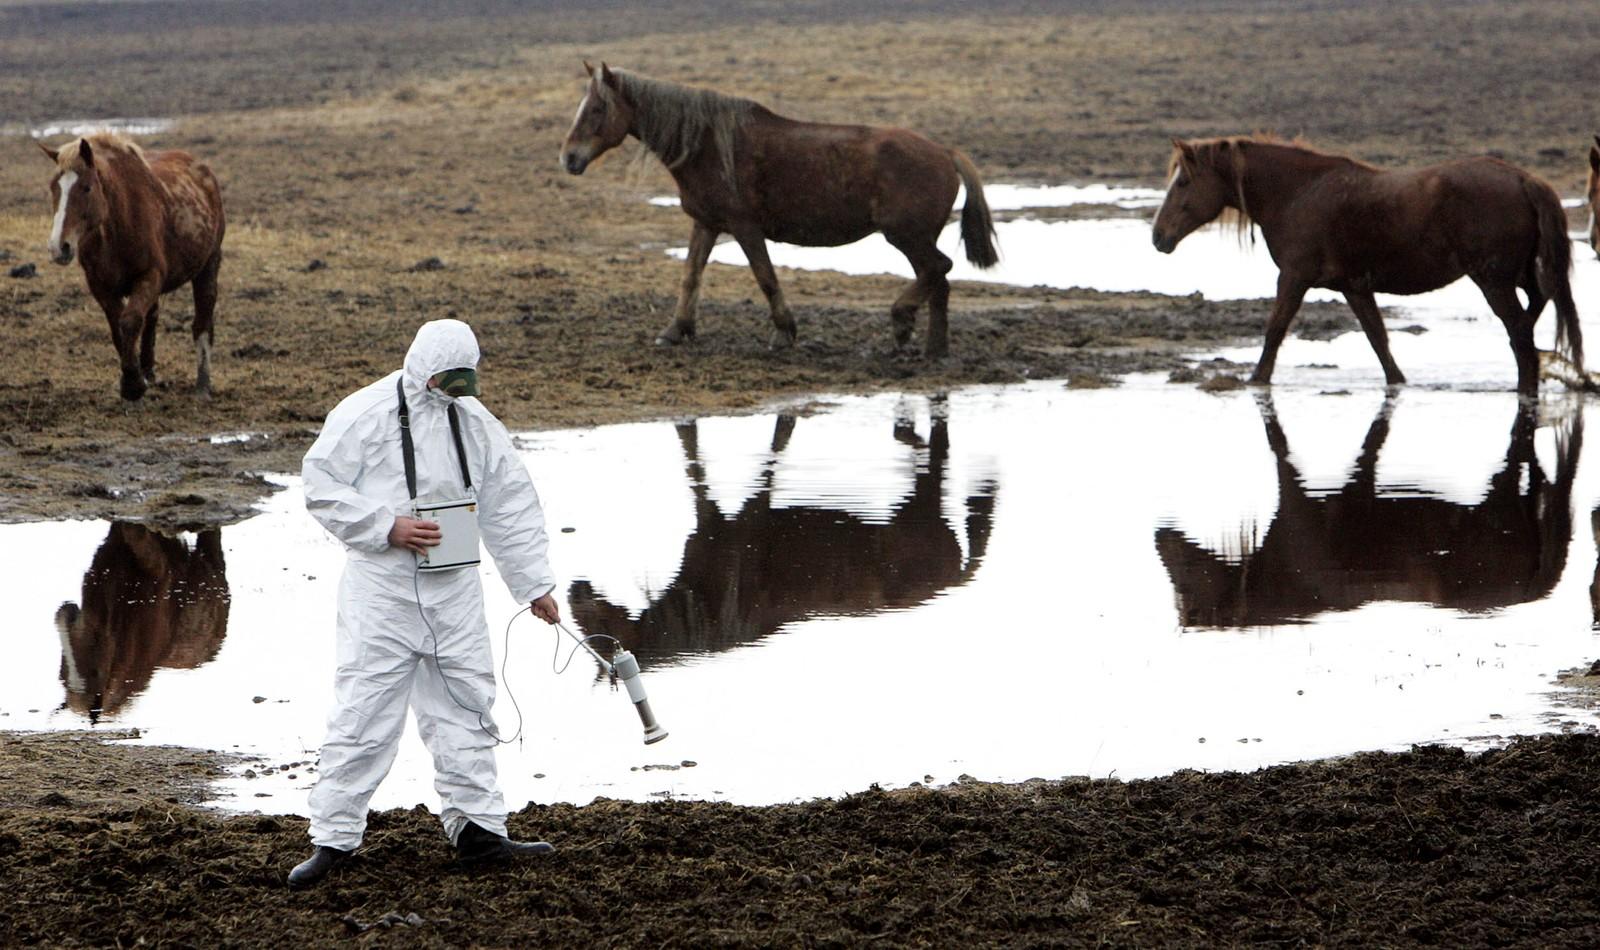 En hviterussisk arbeider i vernedrakt måler radioaktive nivåer inne i den hviterussiske vernesonen ved Tsjernobyl mens tre Przewalski-hester beiter i bakgrunnen.